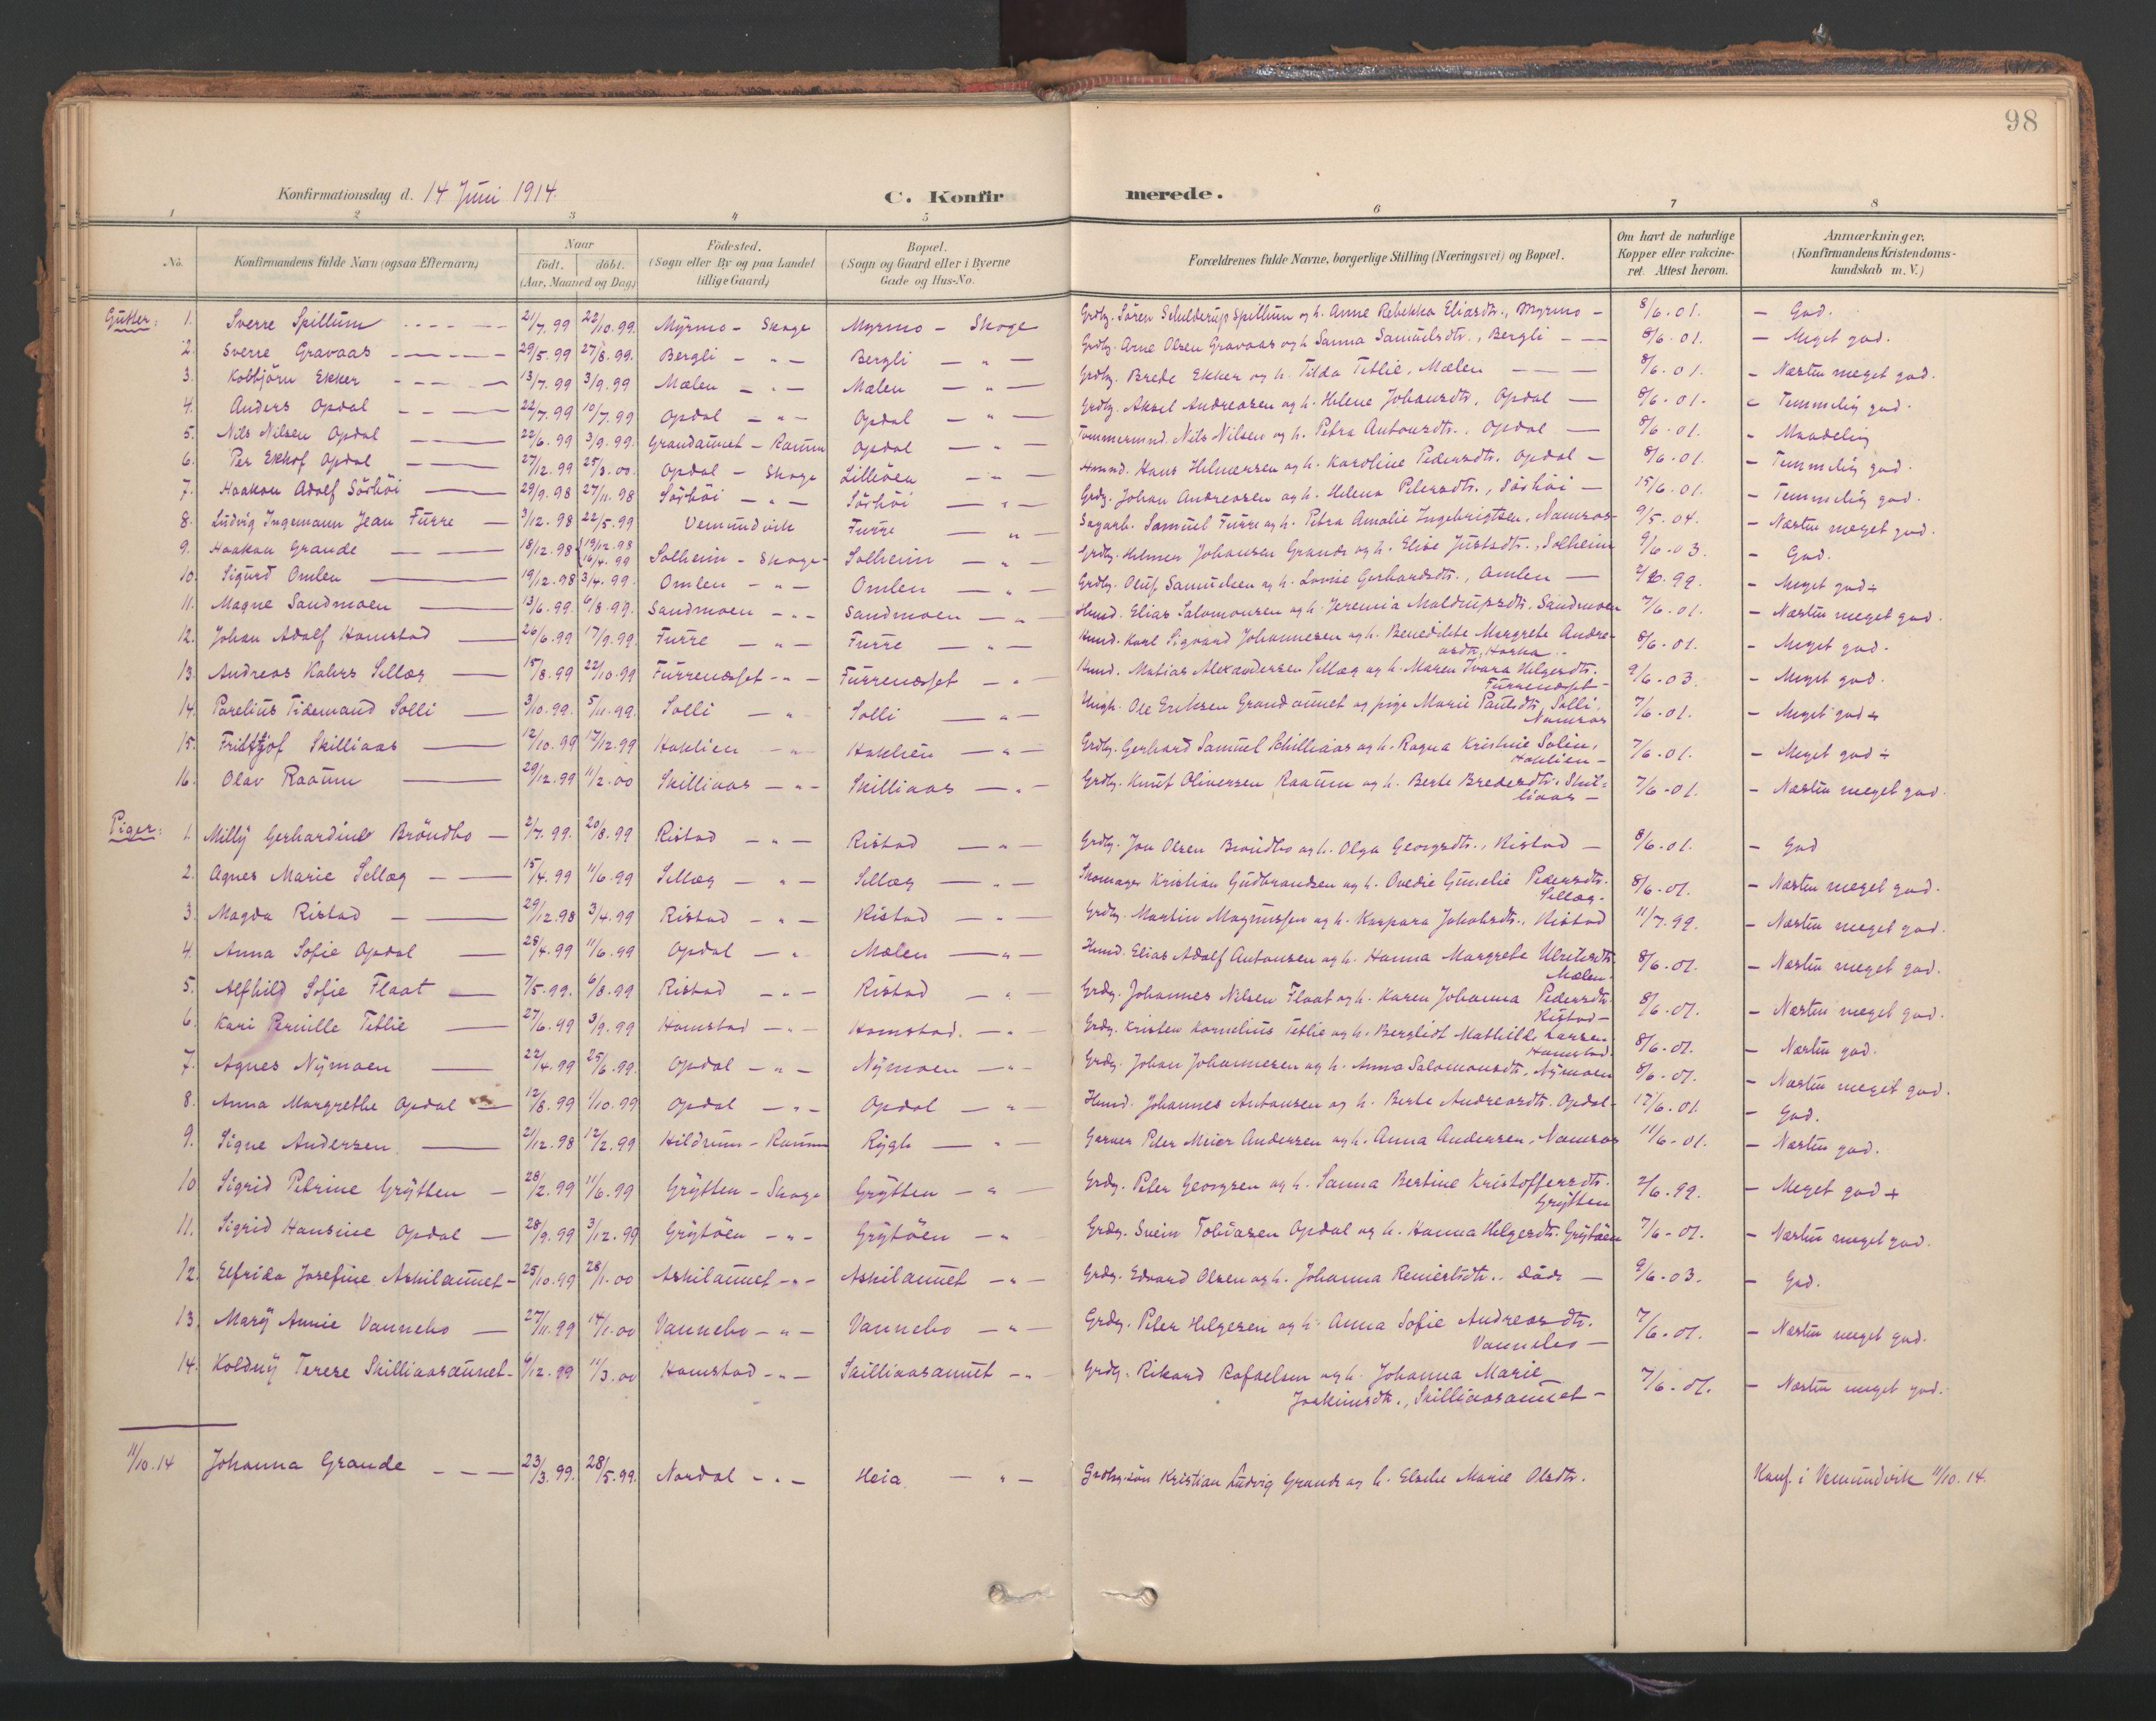 SAT, Ministerialprotokoller, klokkerbøker og fødselsregistre - Nord-Trøndelag, 766/L0564: Ministerialbok nr. 767A02, 1900-1932, s. 98